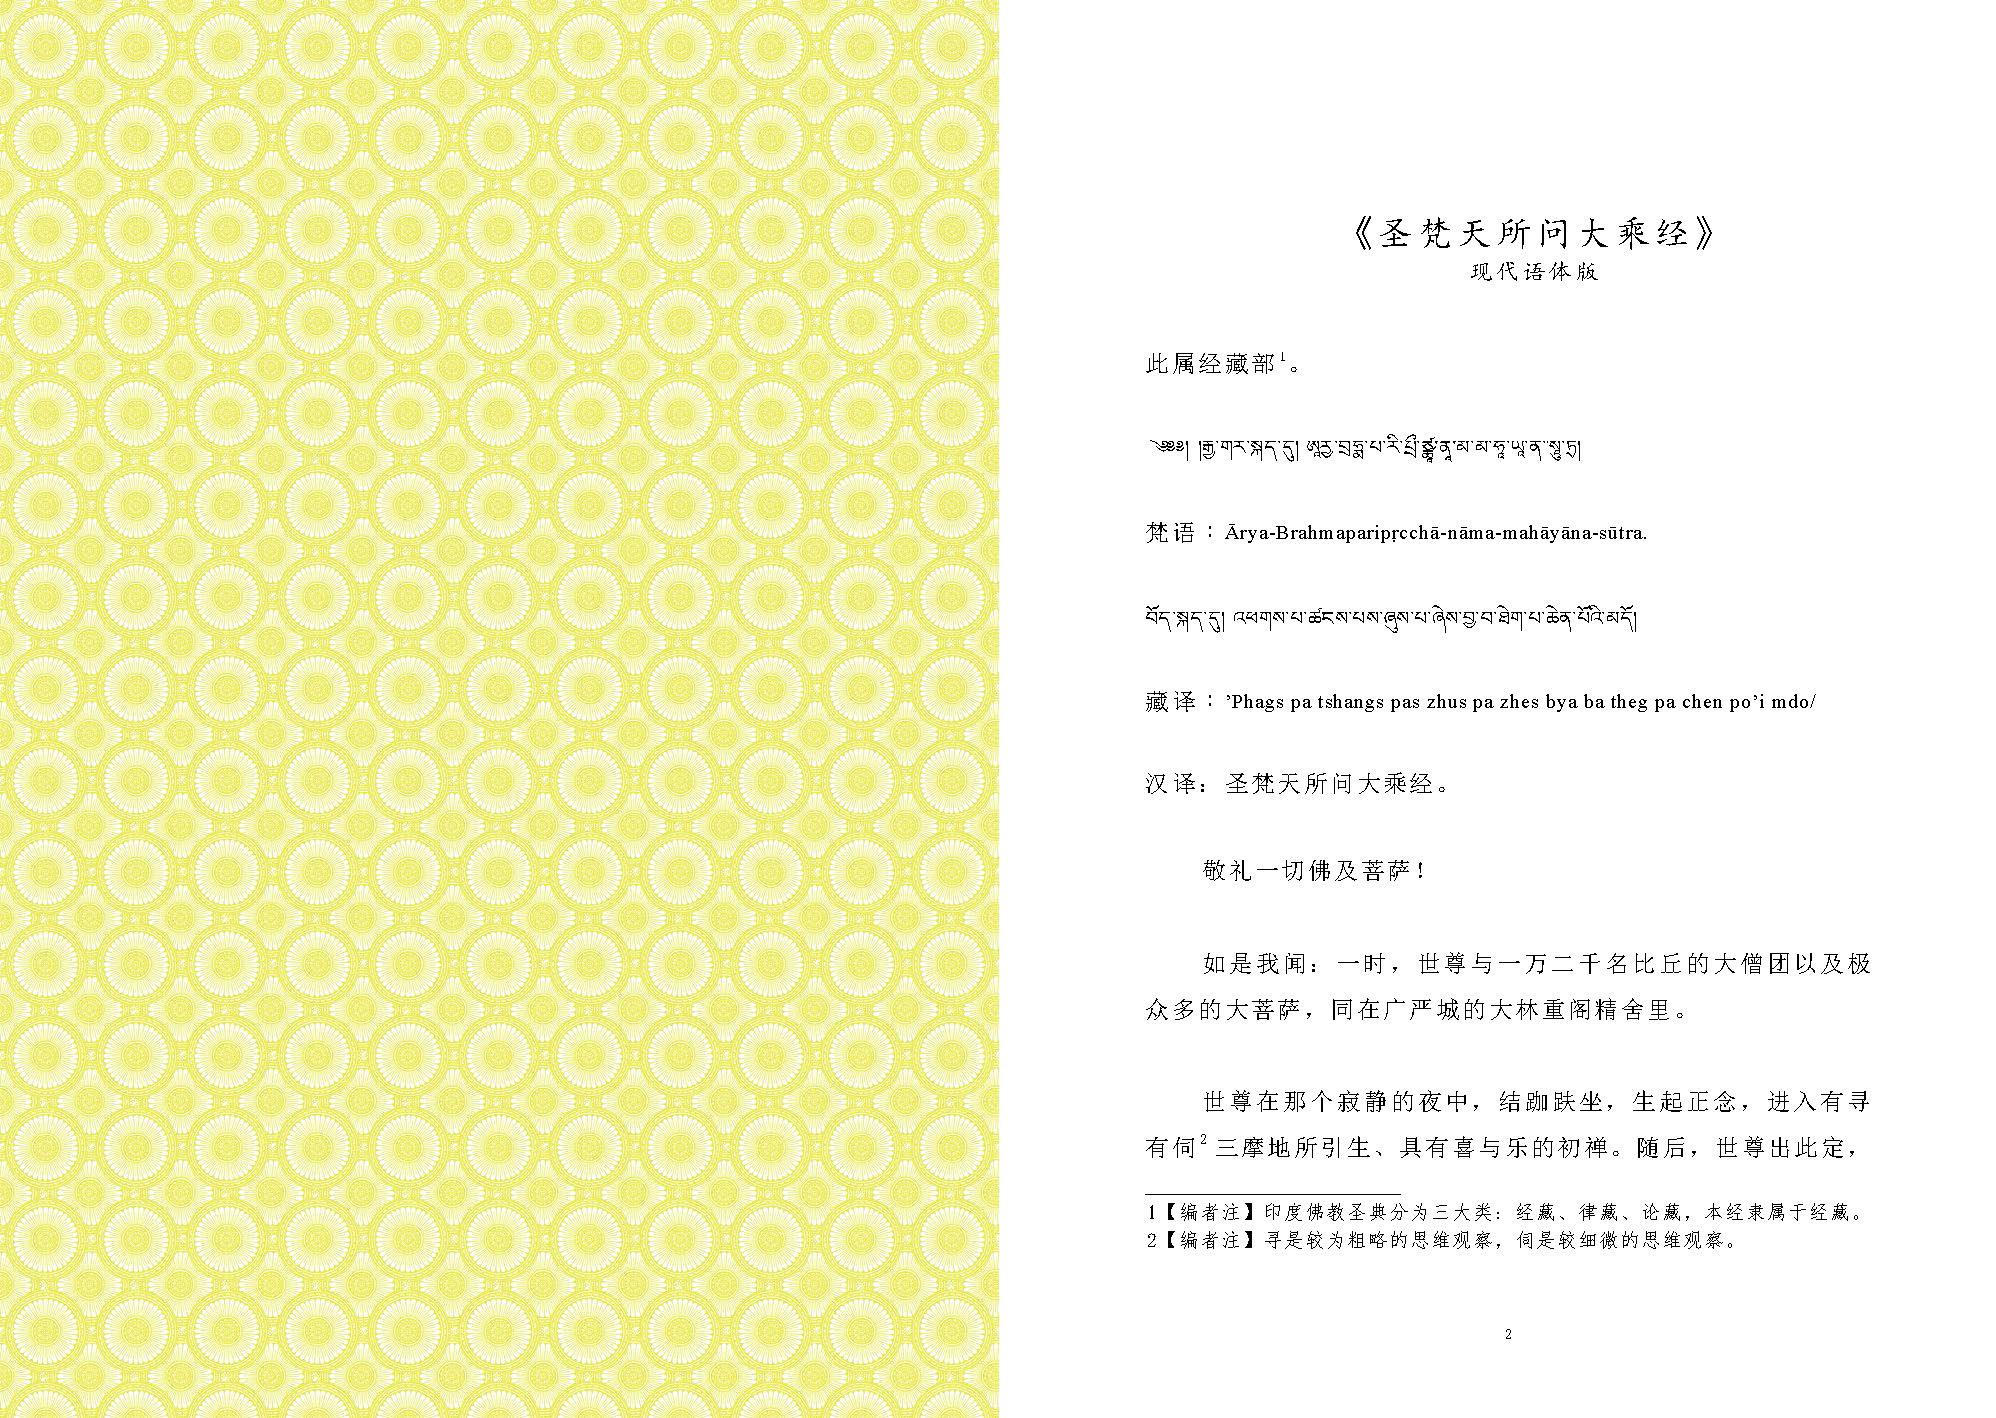 XianDaiShuMianYu-SC Text